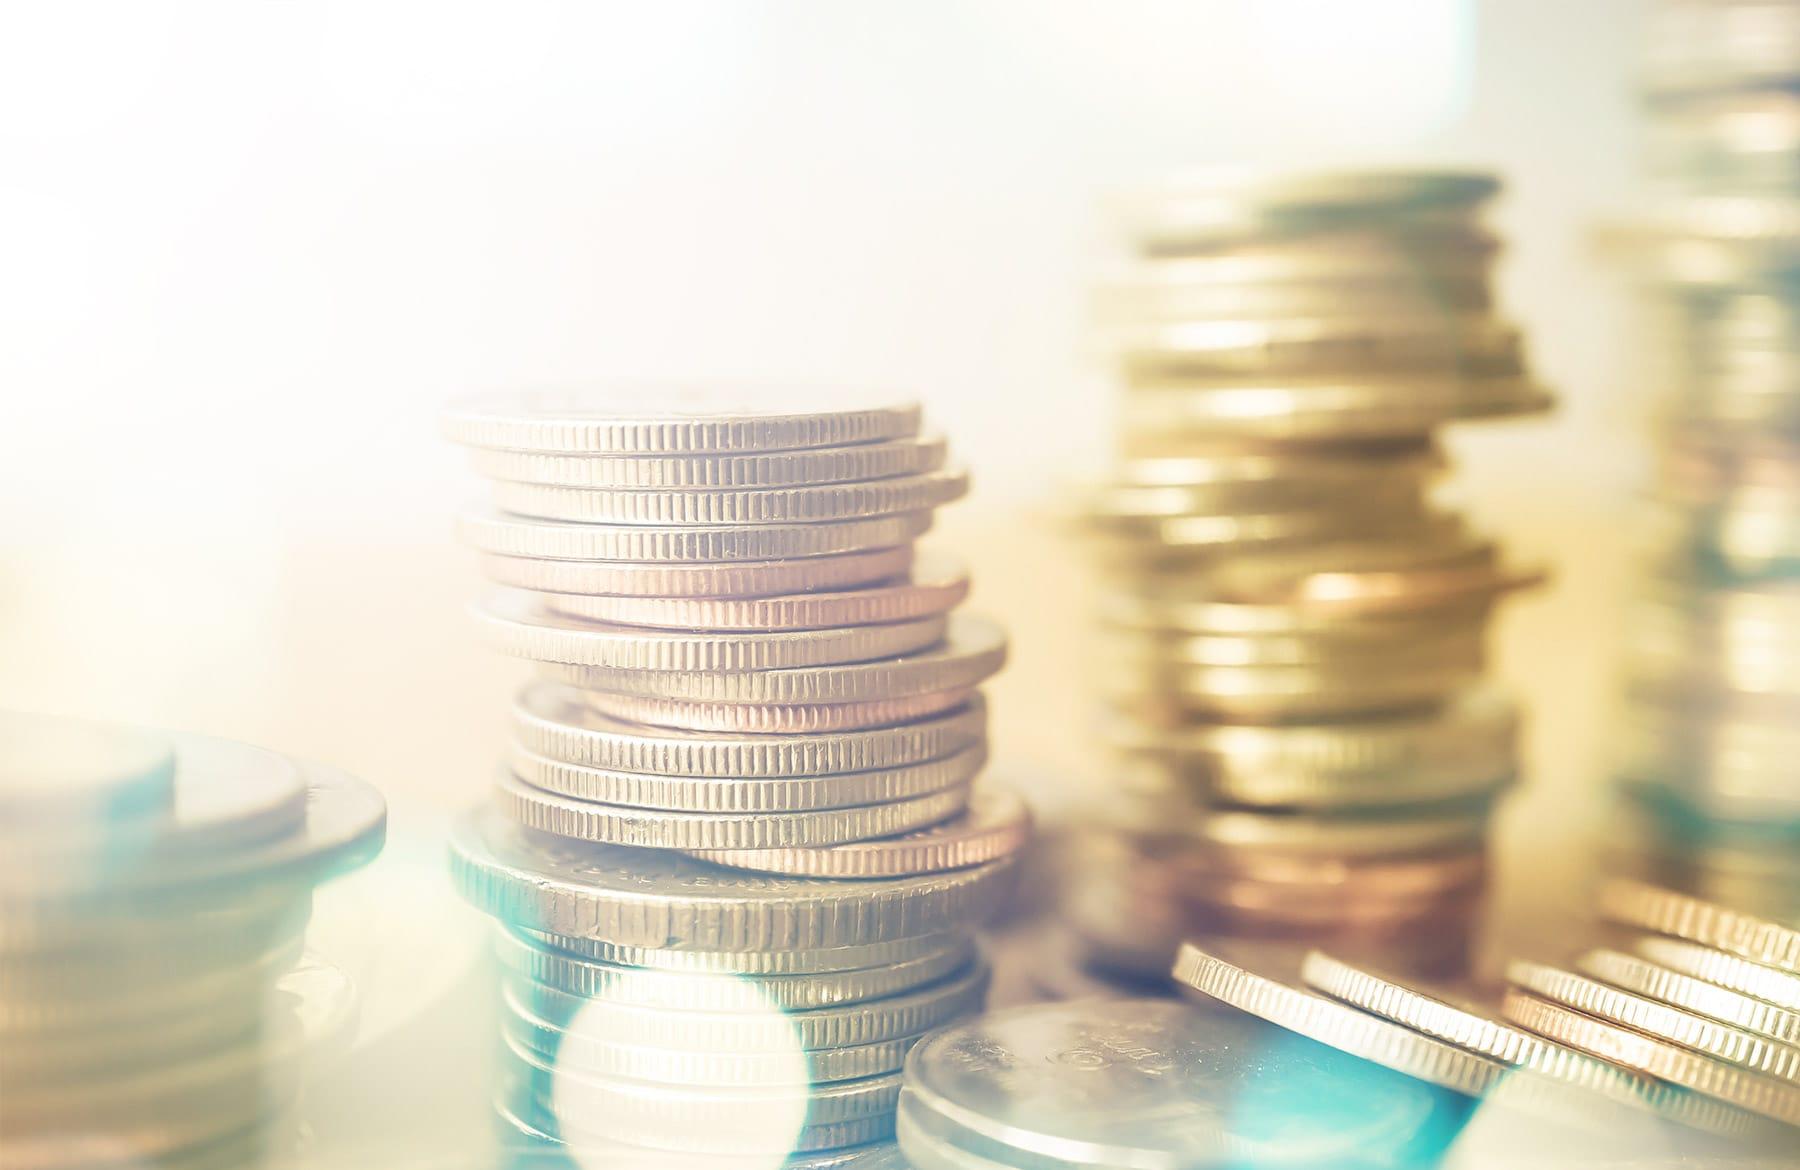 КФГД утвердил максимальные рекомендуемые ставки по депозитам в тенге